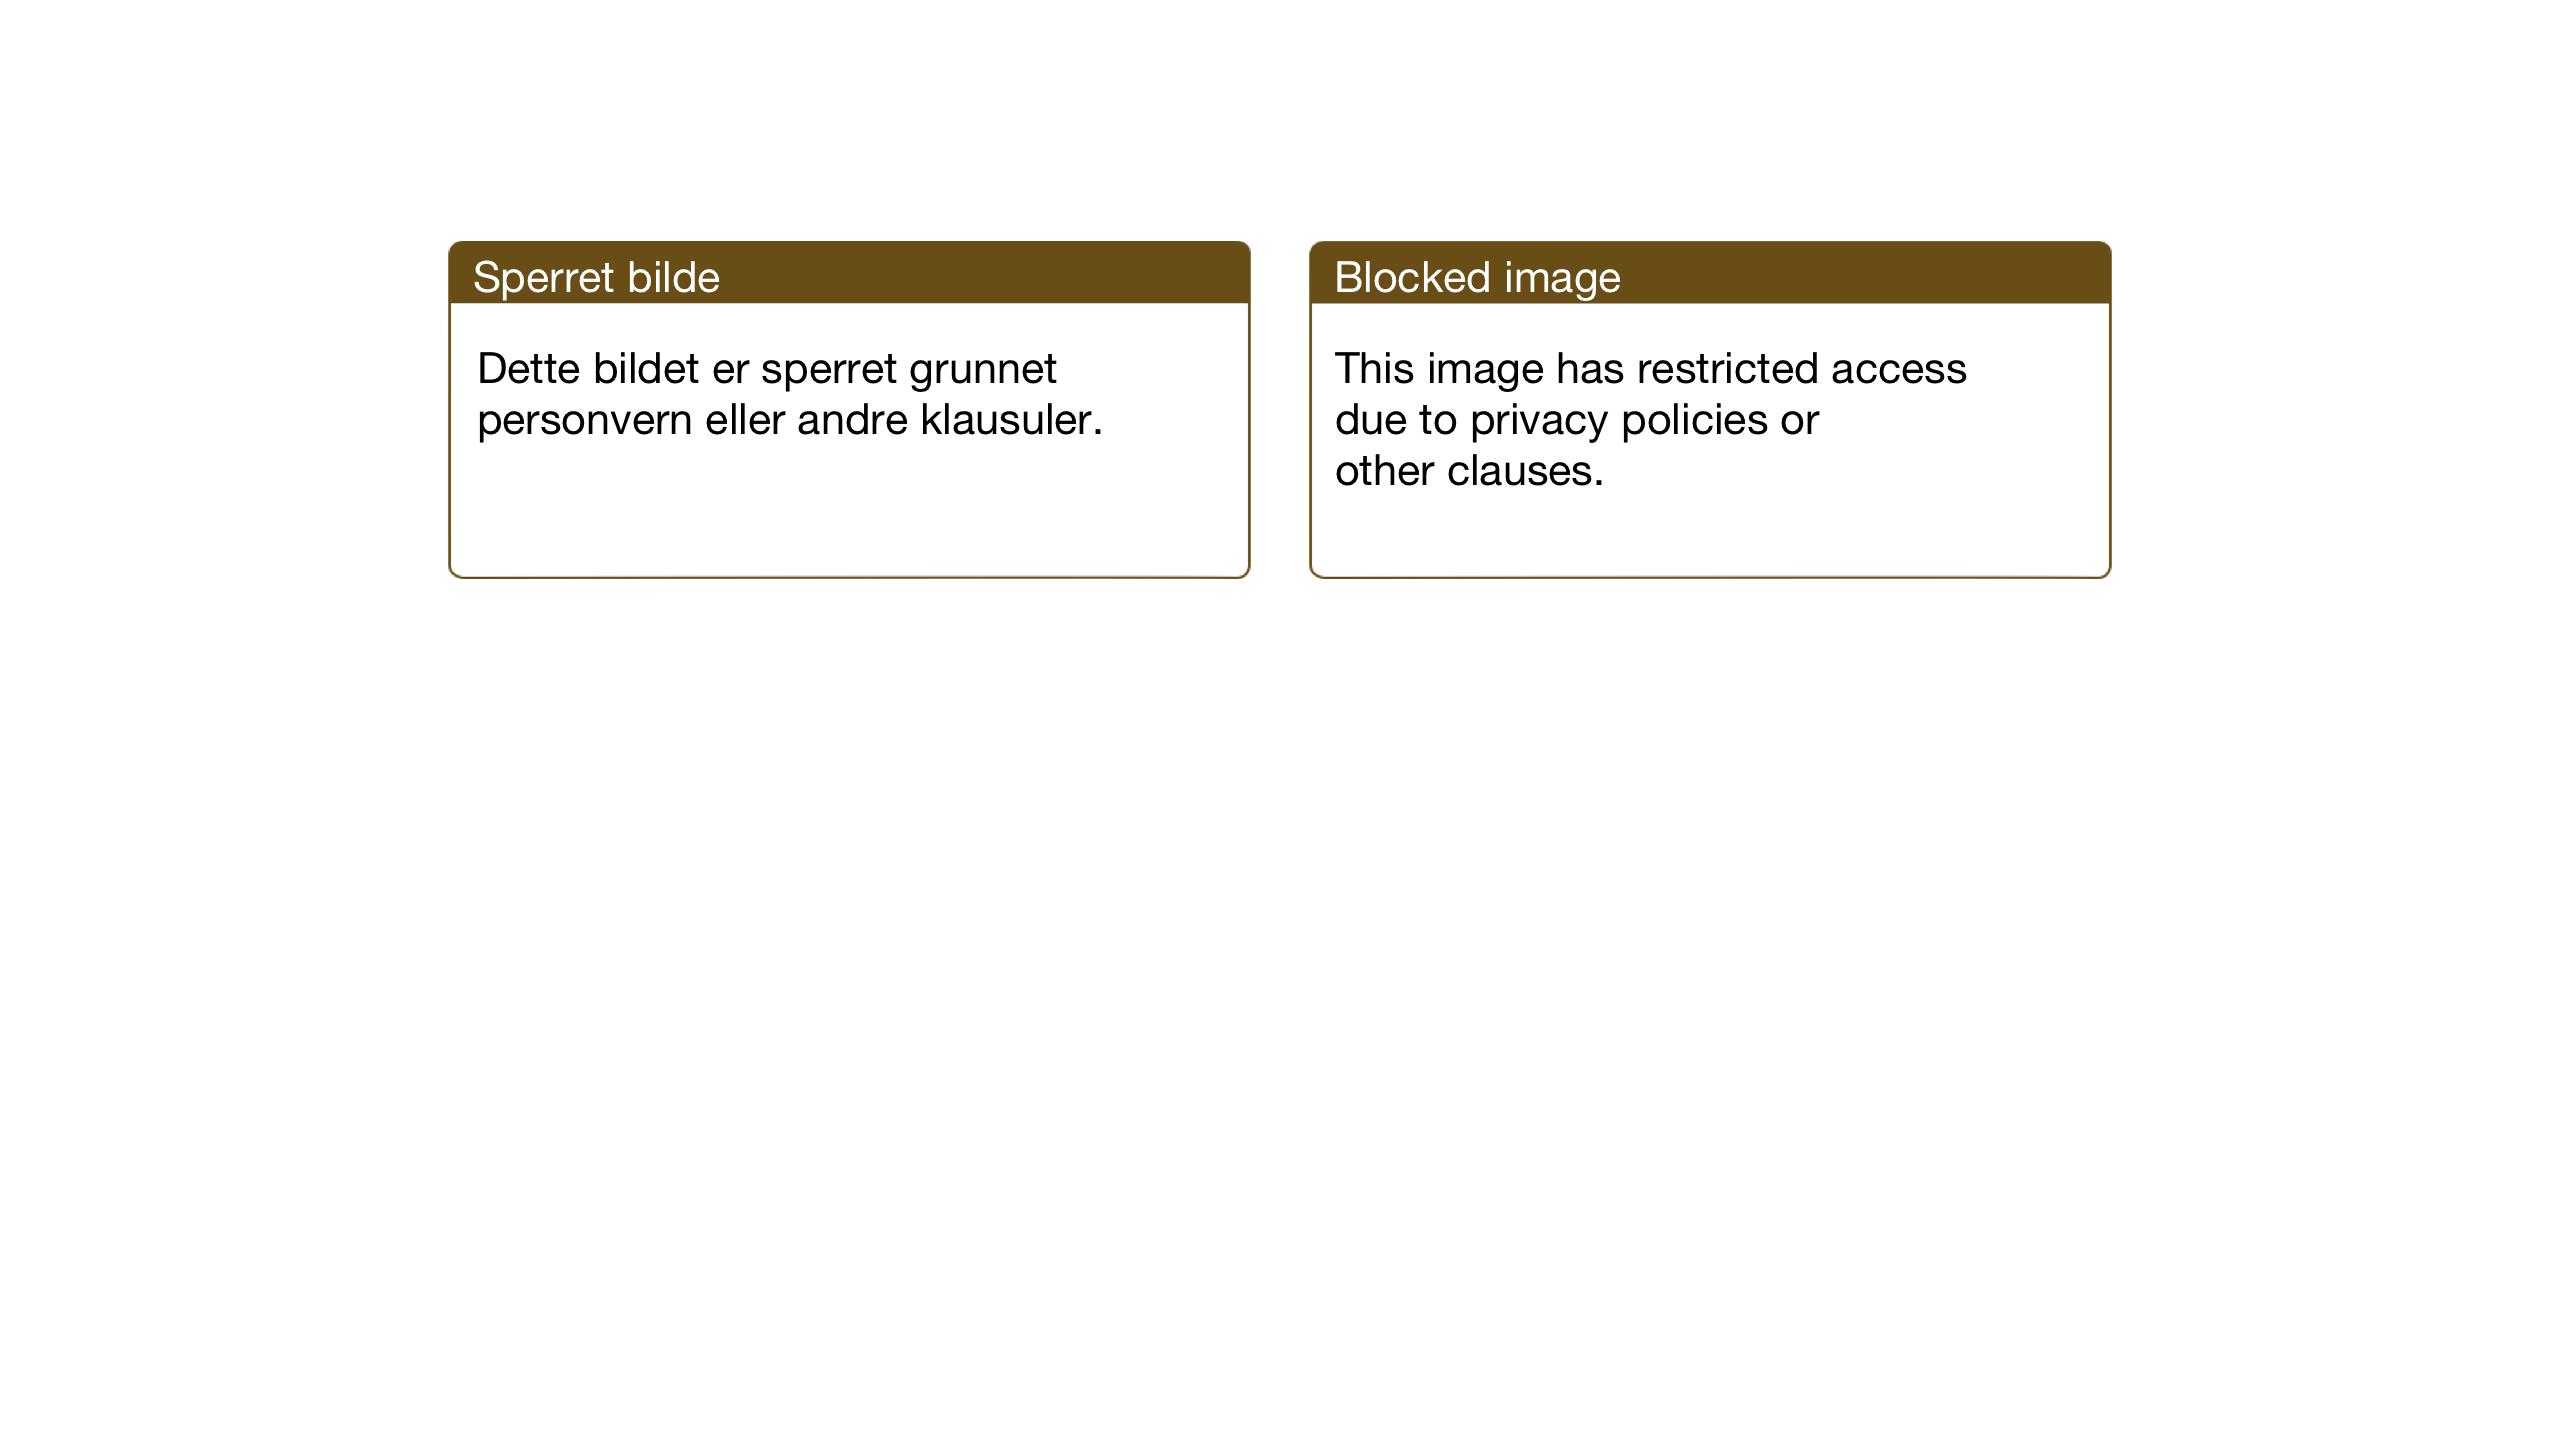 SAT, Ministerialprotokoller, klokkerbøker og fødselsregistre - Sør-Trøndelag, 670/L0837: Klokkerbok nr. 670C01, 1905-1946, s. 184-185